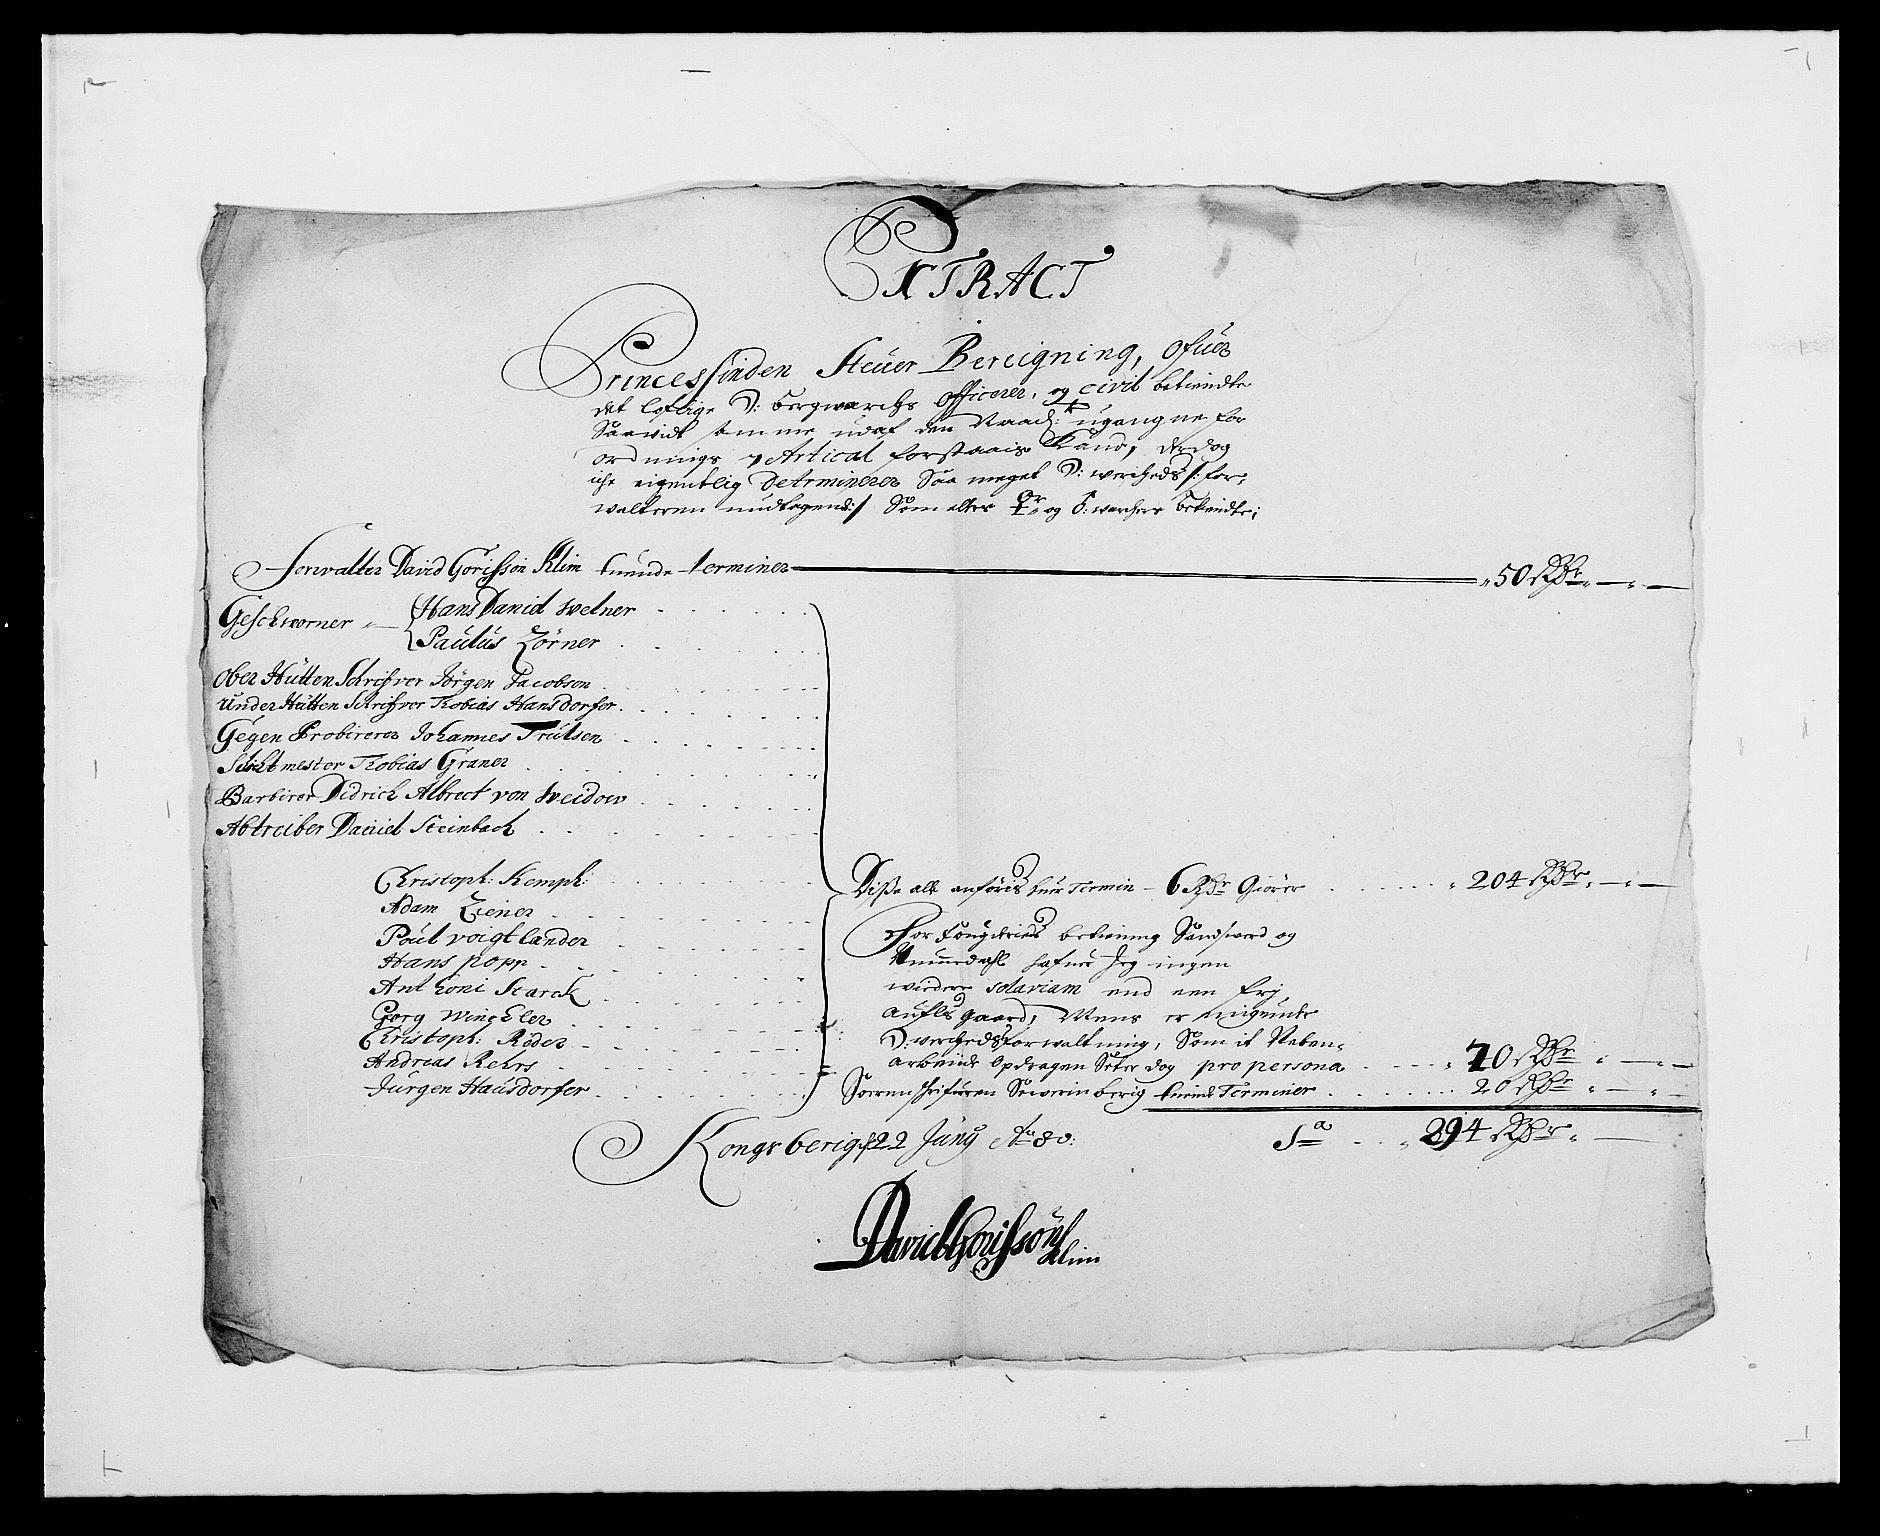 RA, Rentekammeret inntil 1814, Reviderte regnskaper, Fogderegnskap, R24/L1569: Fogderegnskap Numedal og Sandsvær, 1679-1686, s. 224